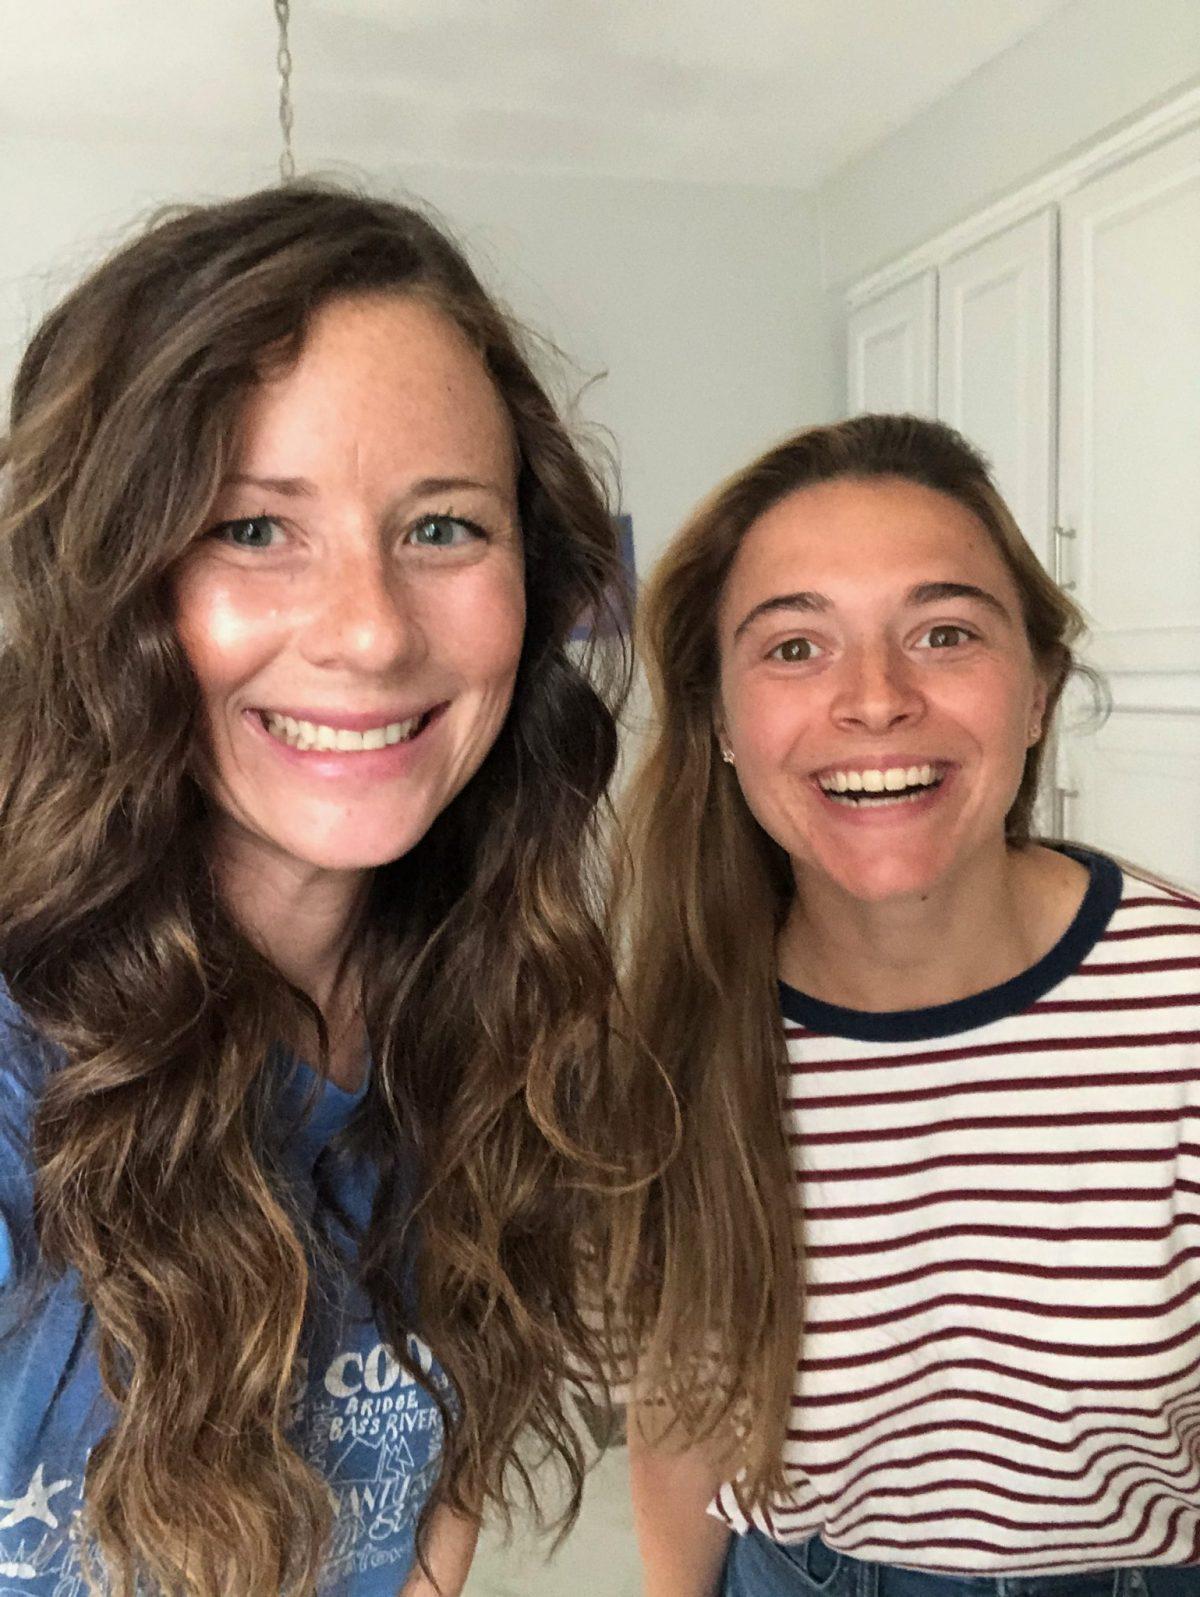 Caitlin Houston and Julia Dags